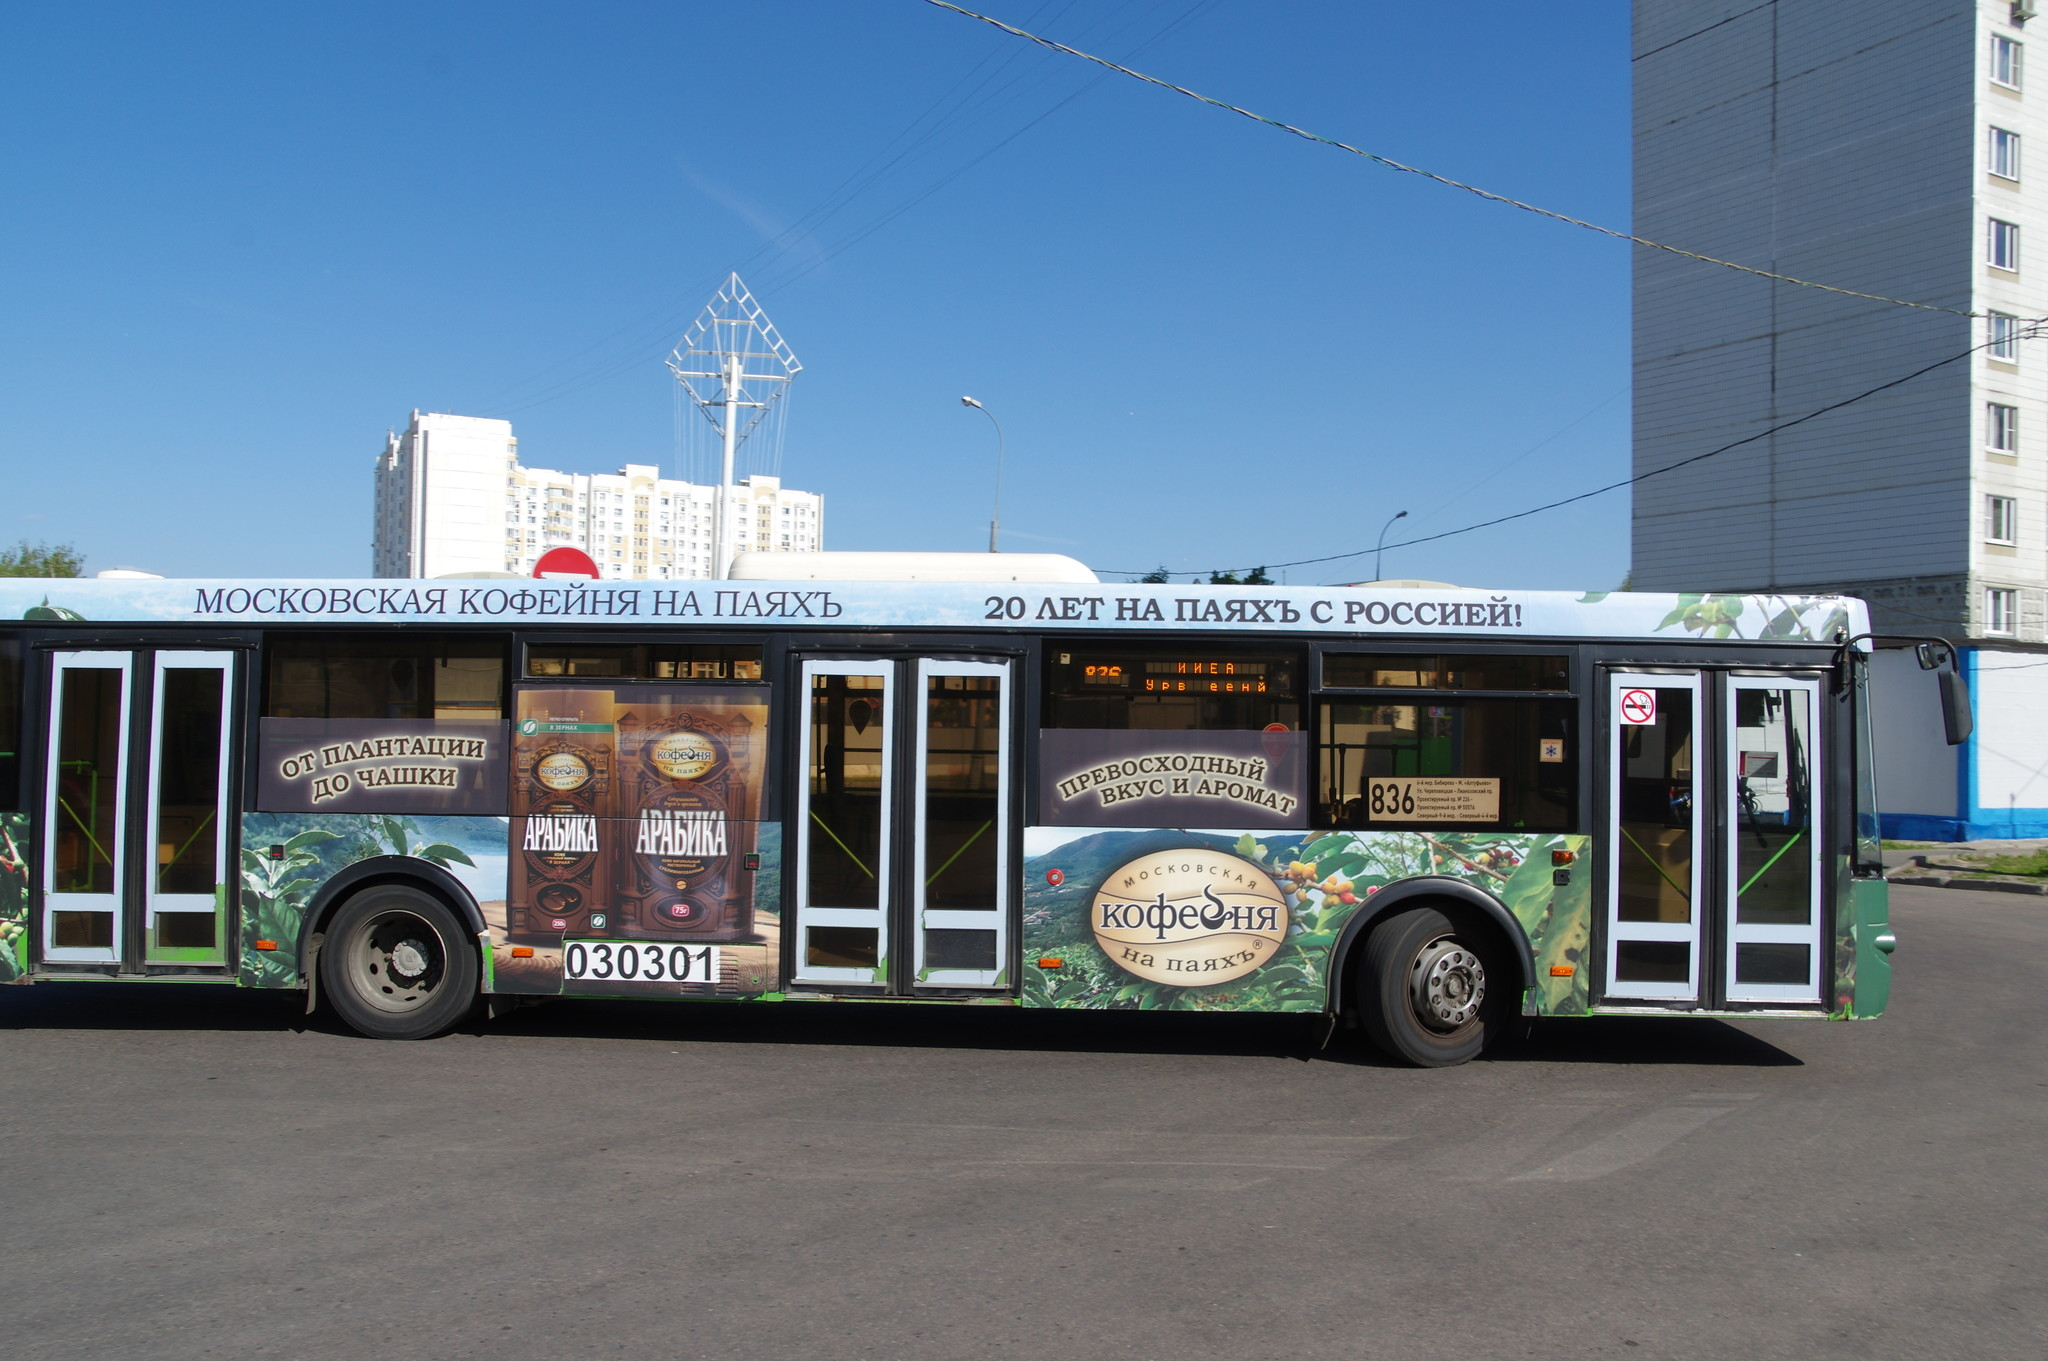 Автобус маршрута № 836 в 4-ом микрорайоне Северного